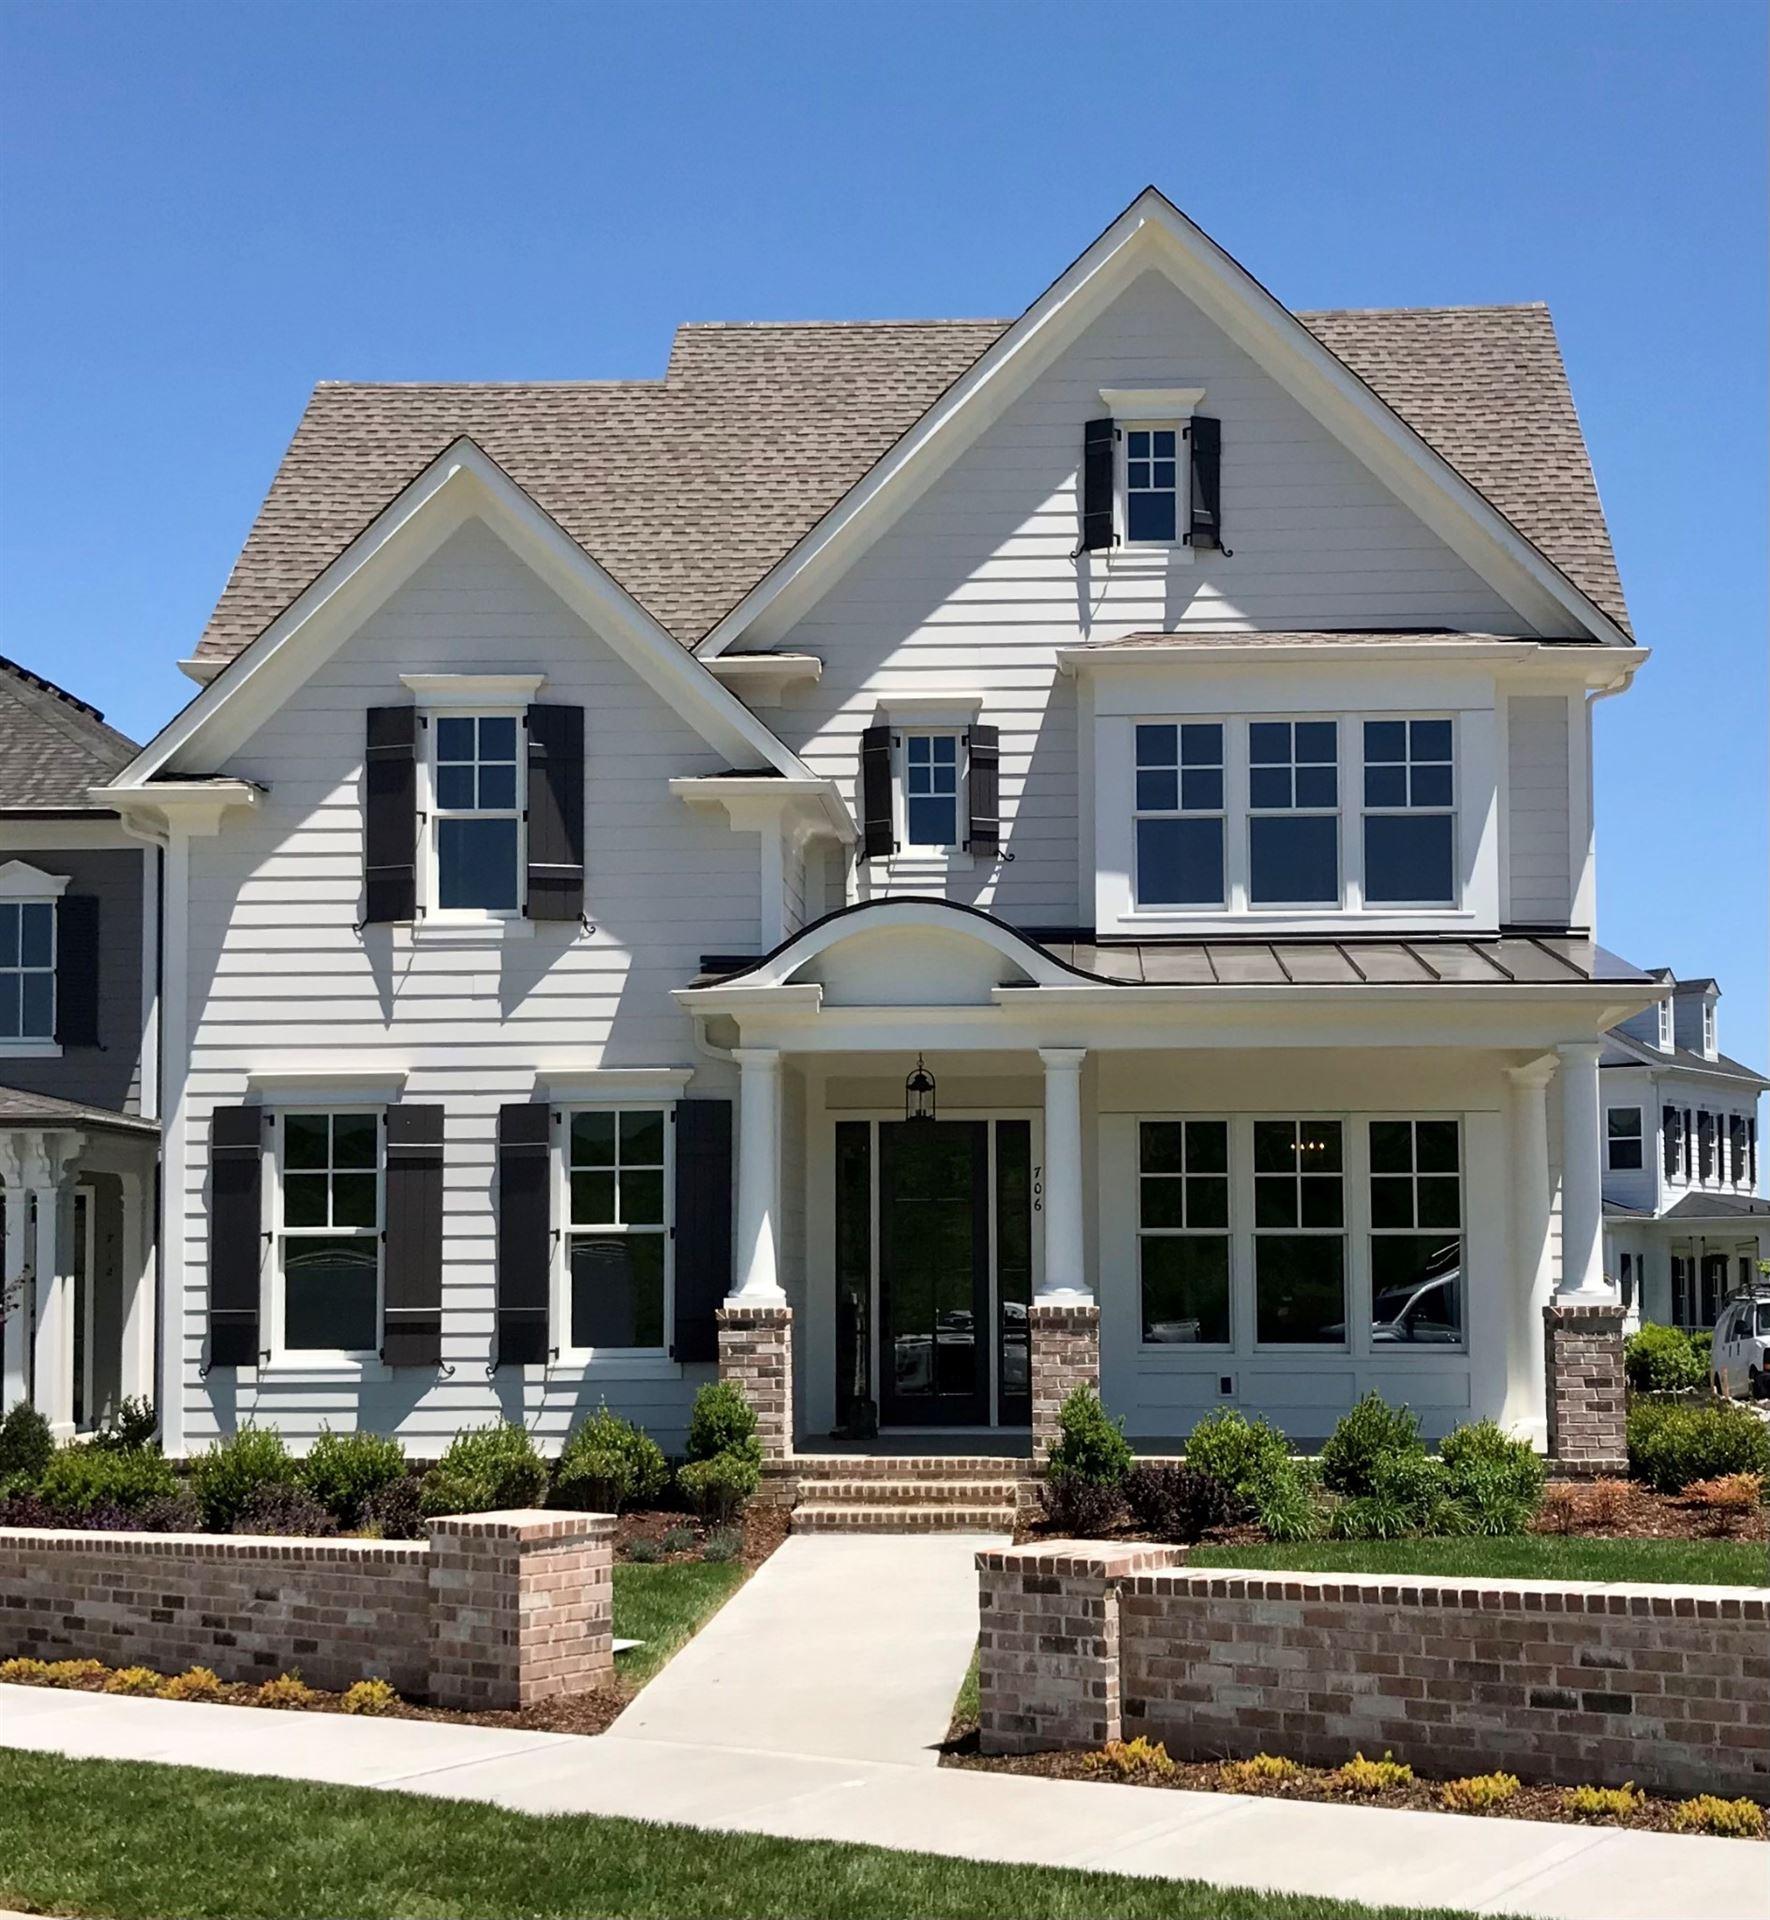 706 Jasper Avenue, WH # 2031, Franklin, TN 37064 - MLS#: 2219871